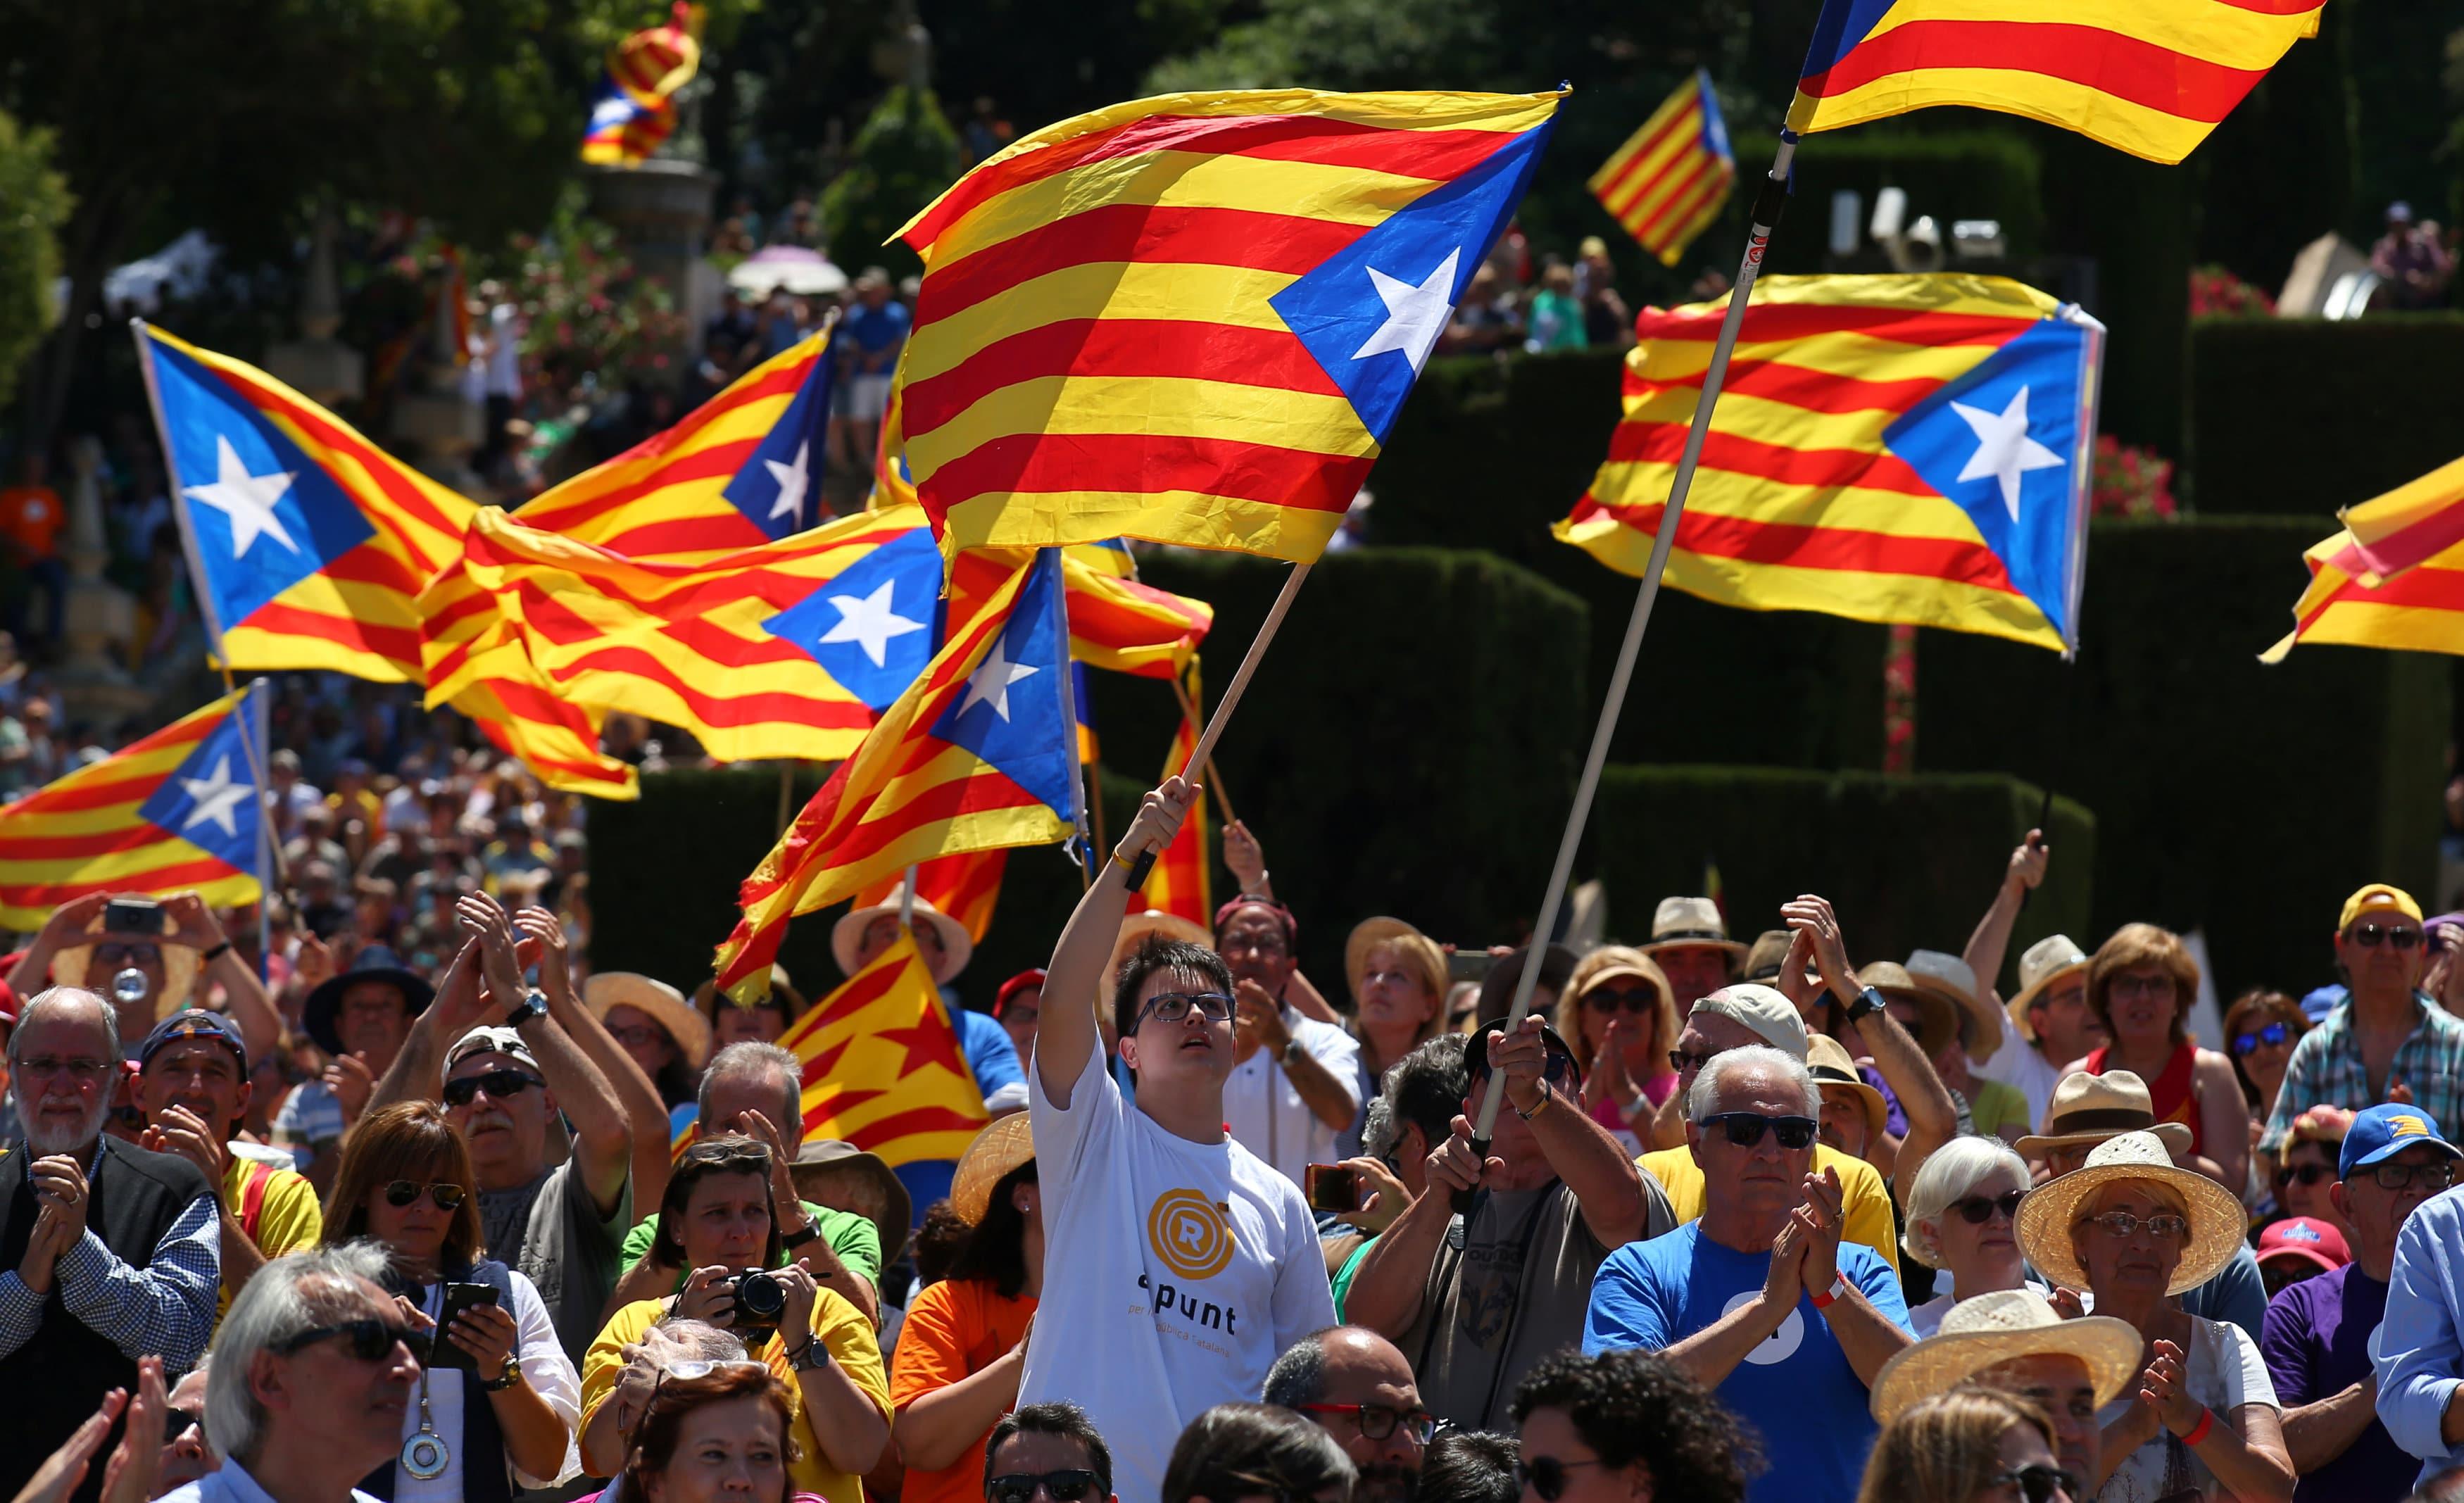 governo angolano não reconhece proclamação da independência da catalunha - manifesta    o catalunha - Governo angolano não reconhece proclamação da independência da Catalunha